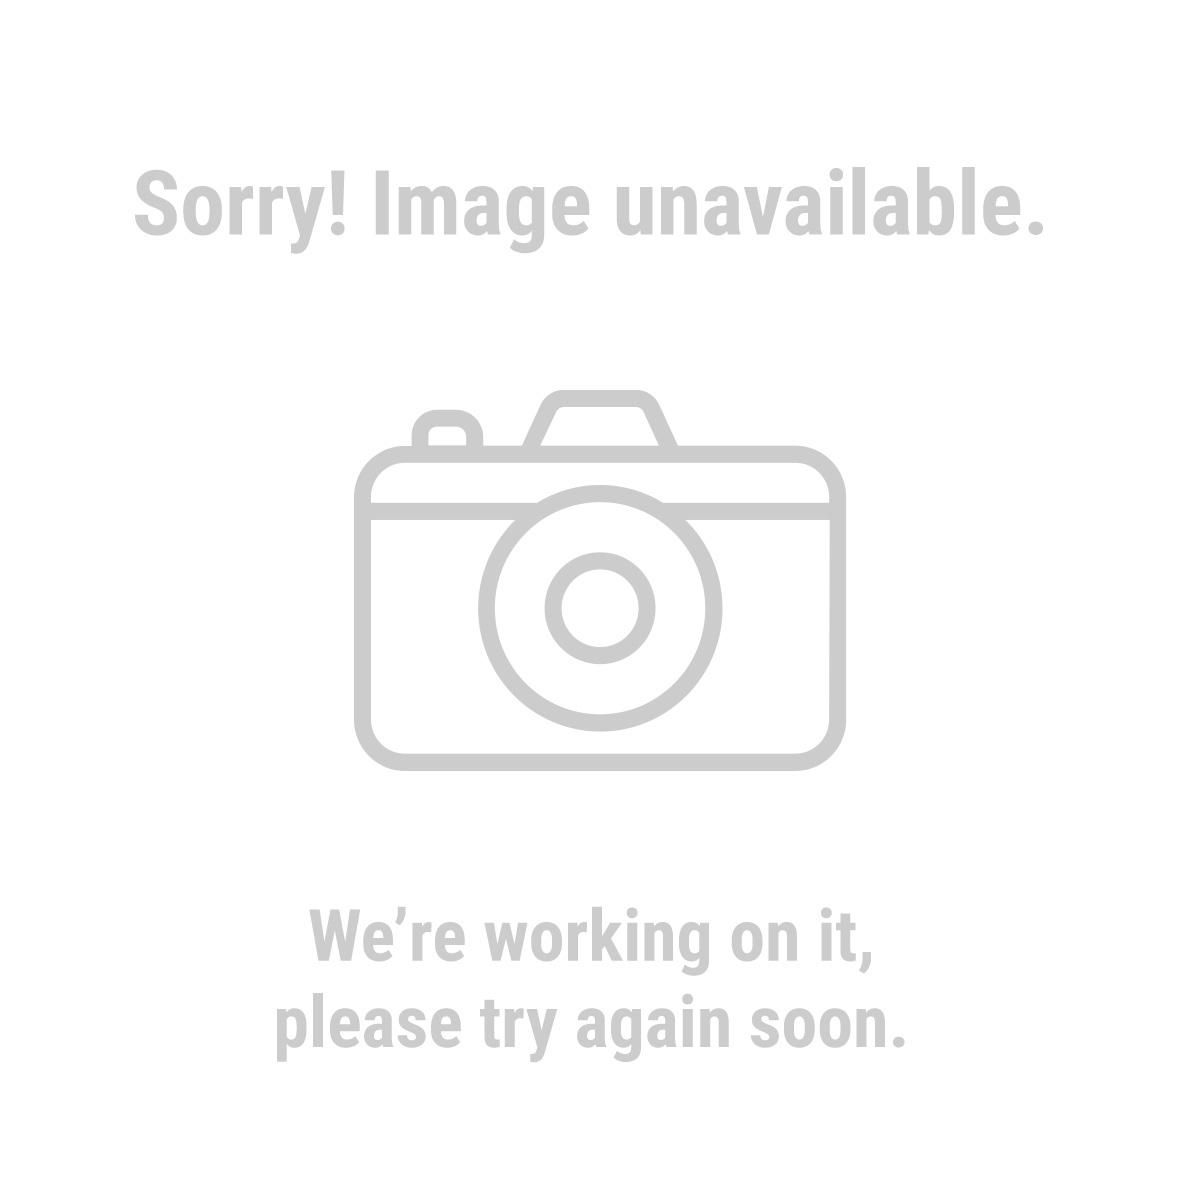 """HFT 46411 9 ft. 6"""" x 7 ft. 4"""" Camouflage Tarp"""